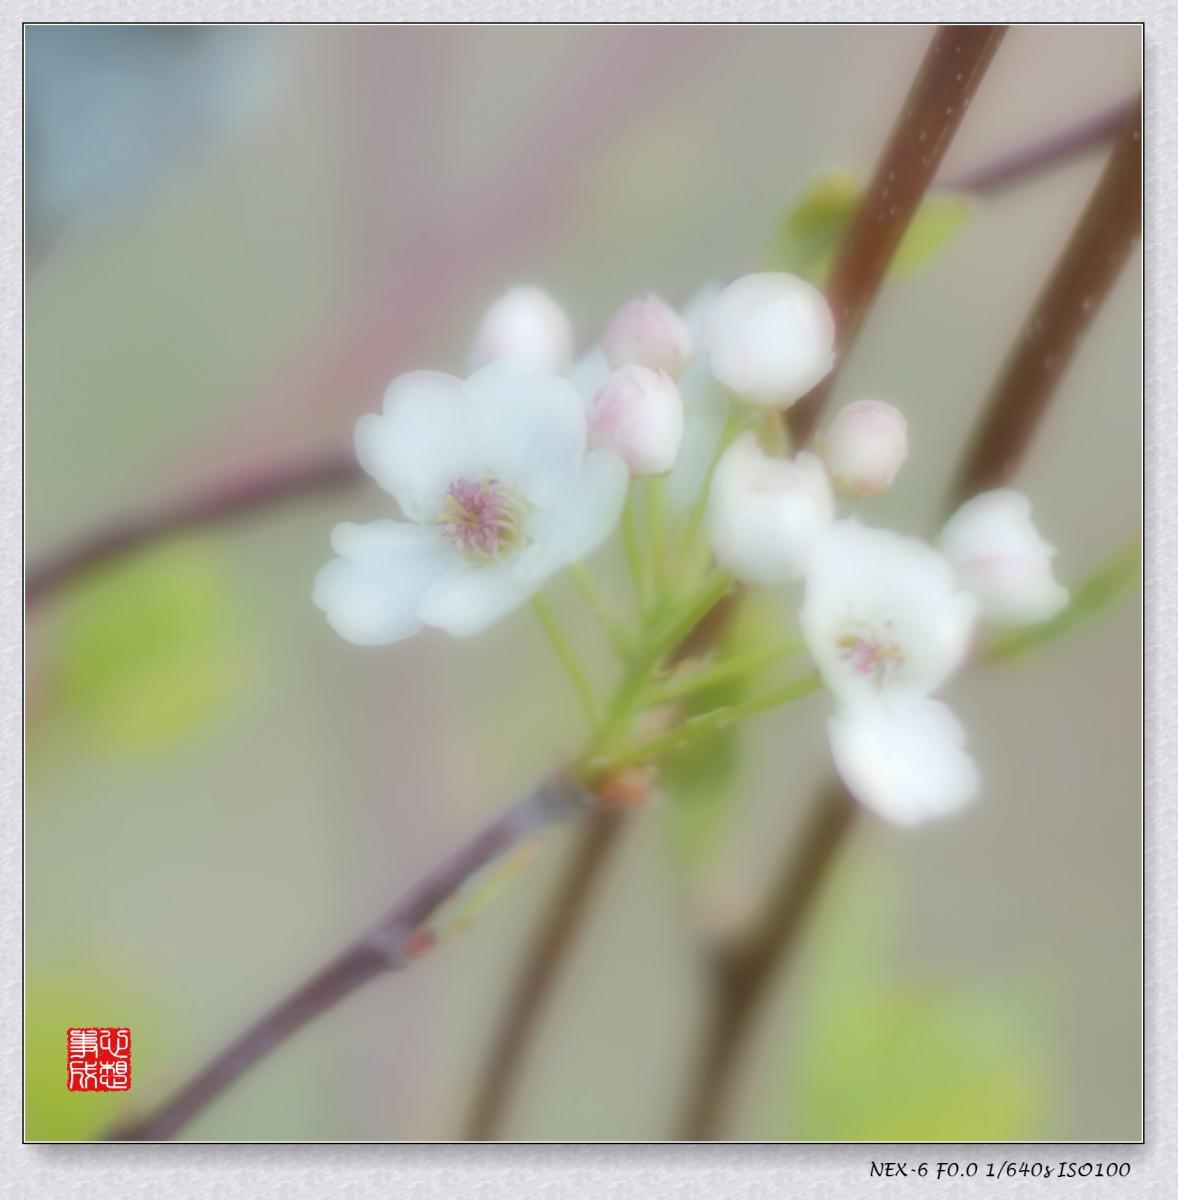 春意绵绵_图1-5